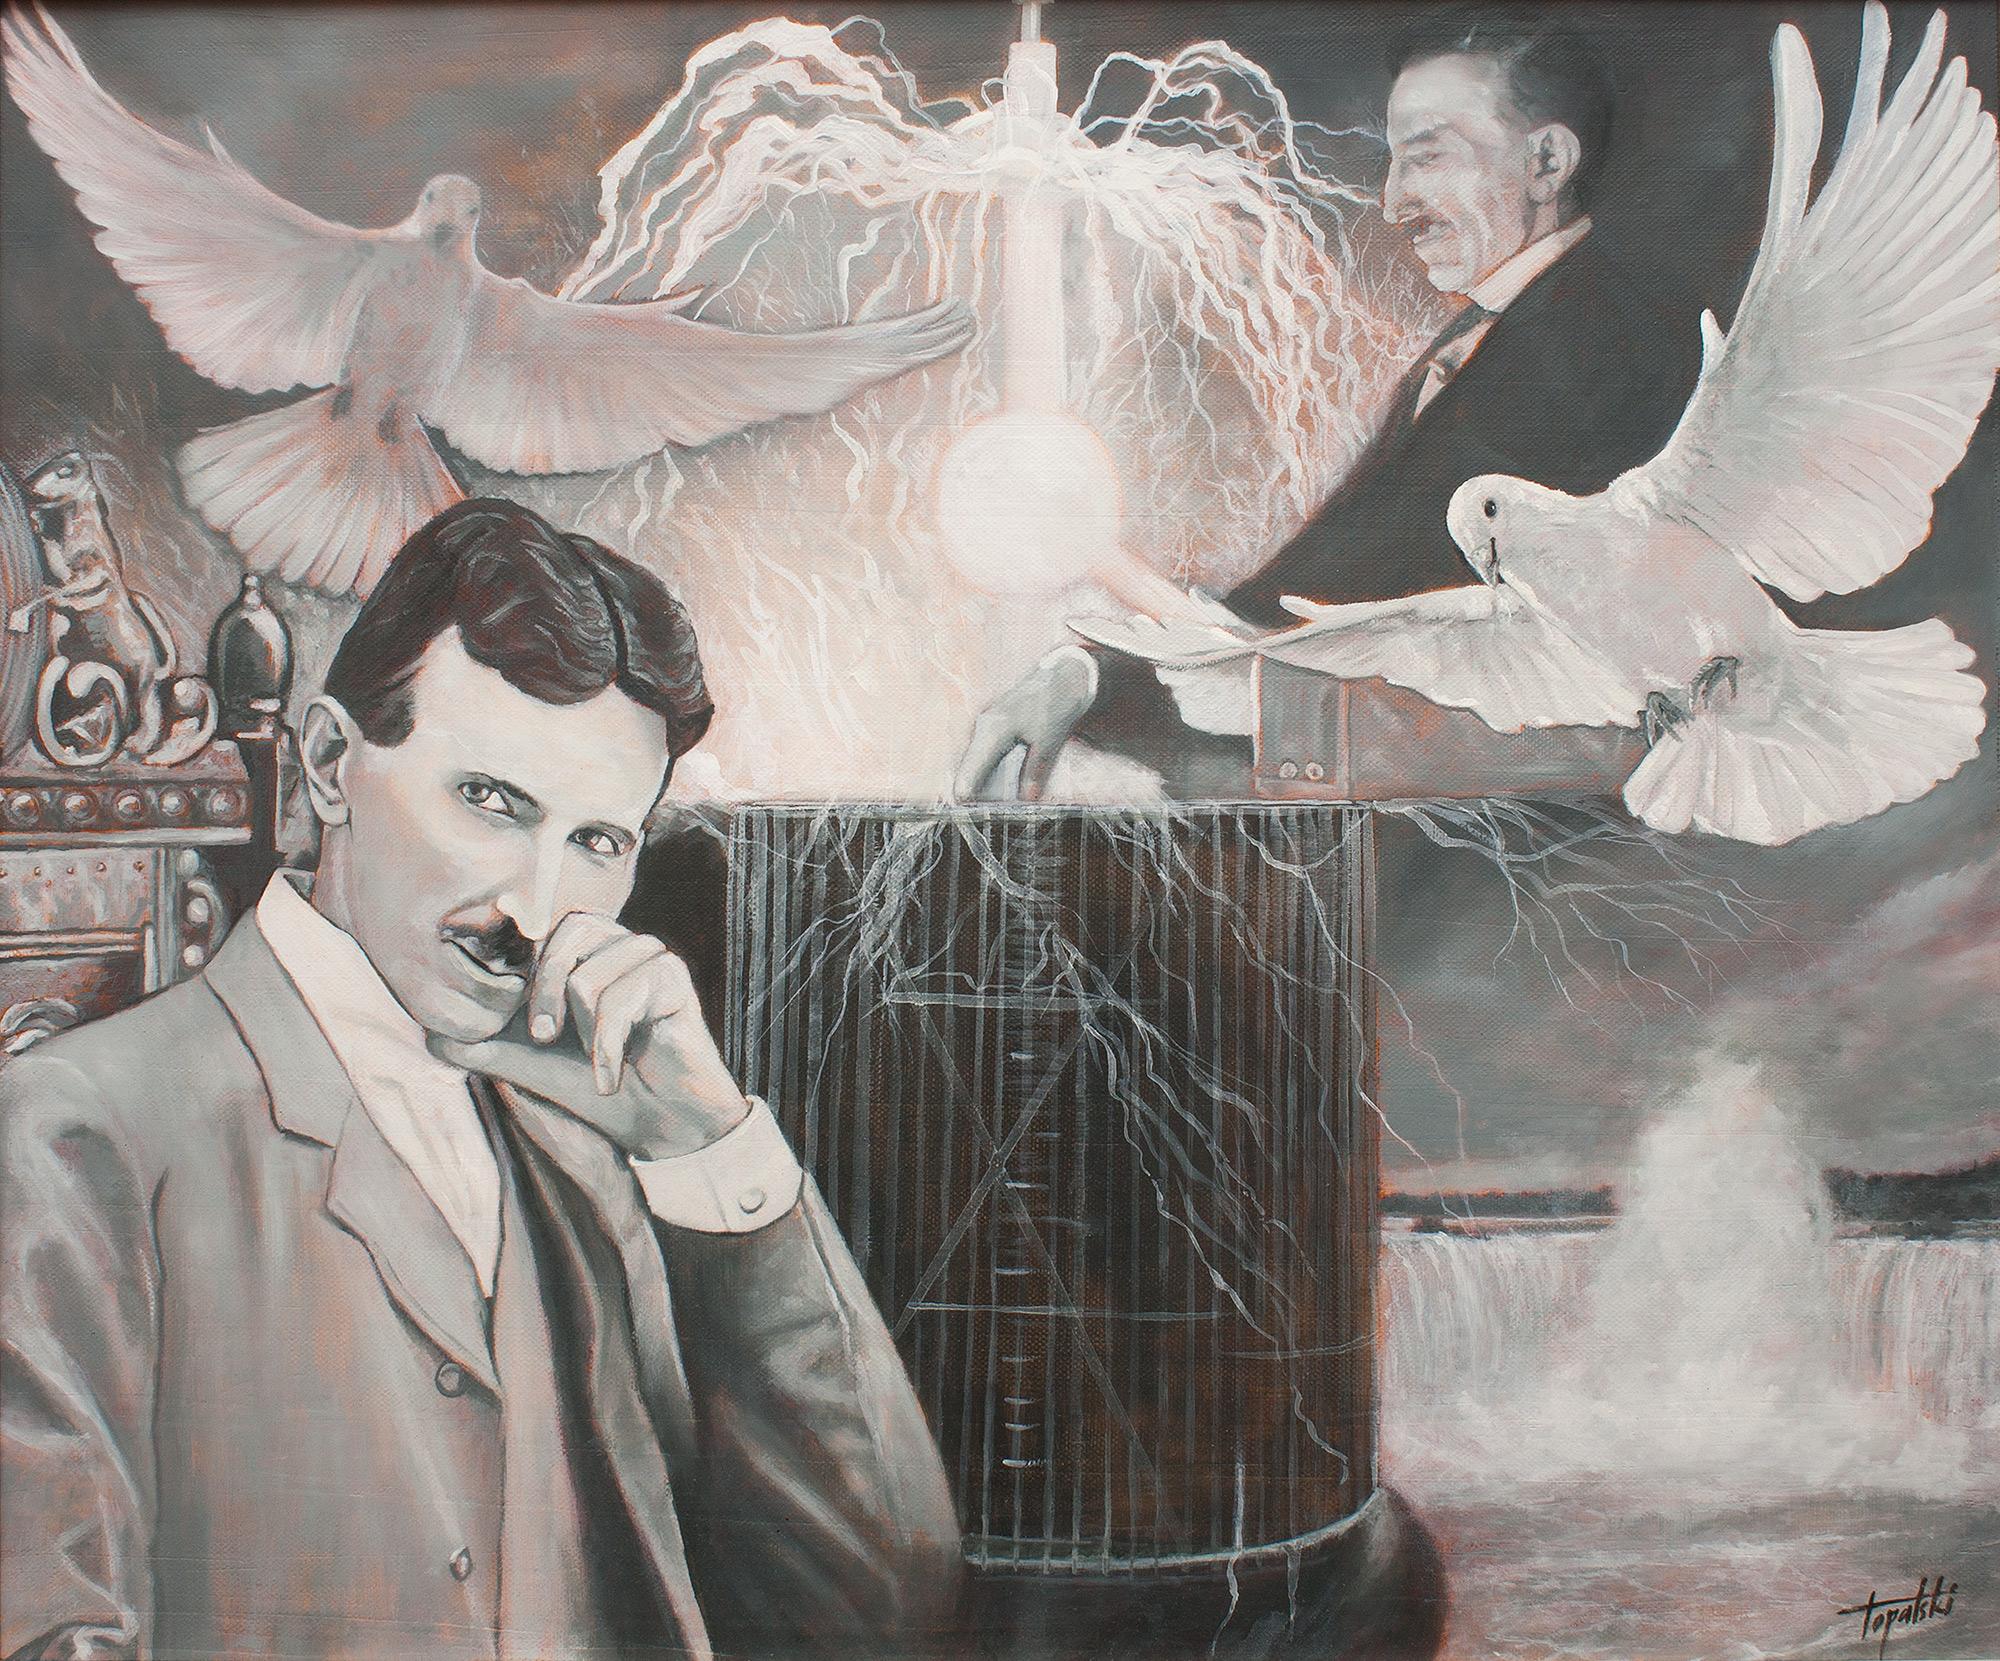 Nikola i Tesla, 60x50cm, Ulje na platnu, umetnik Darko TOPALSKI